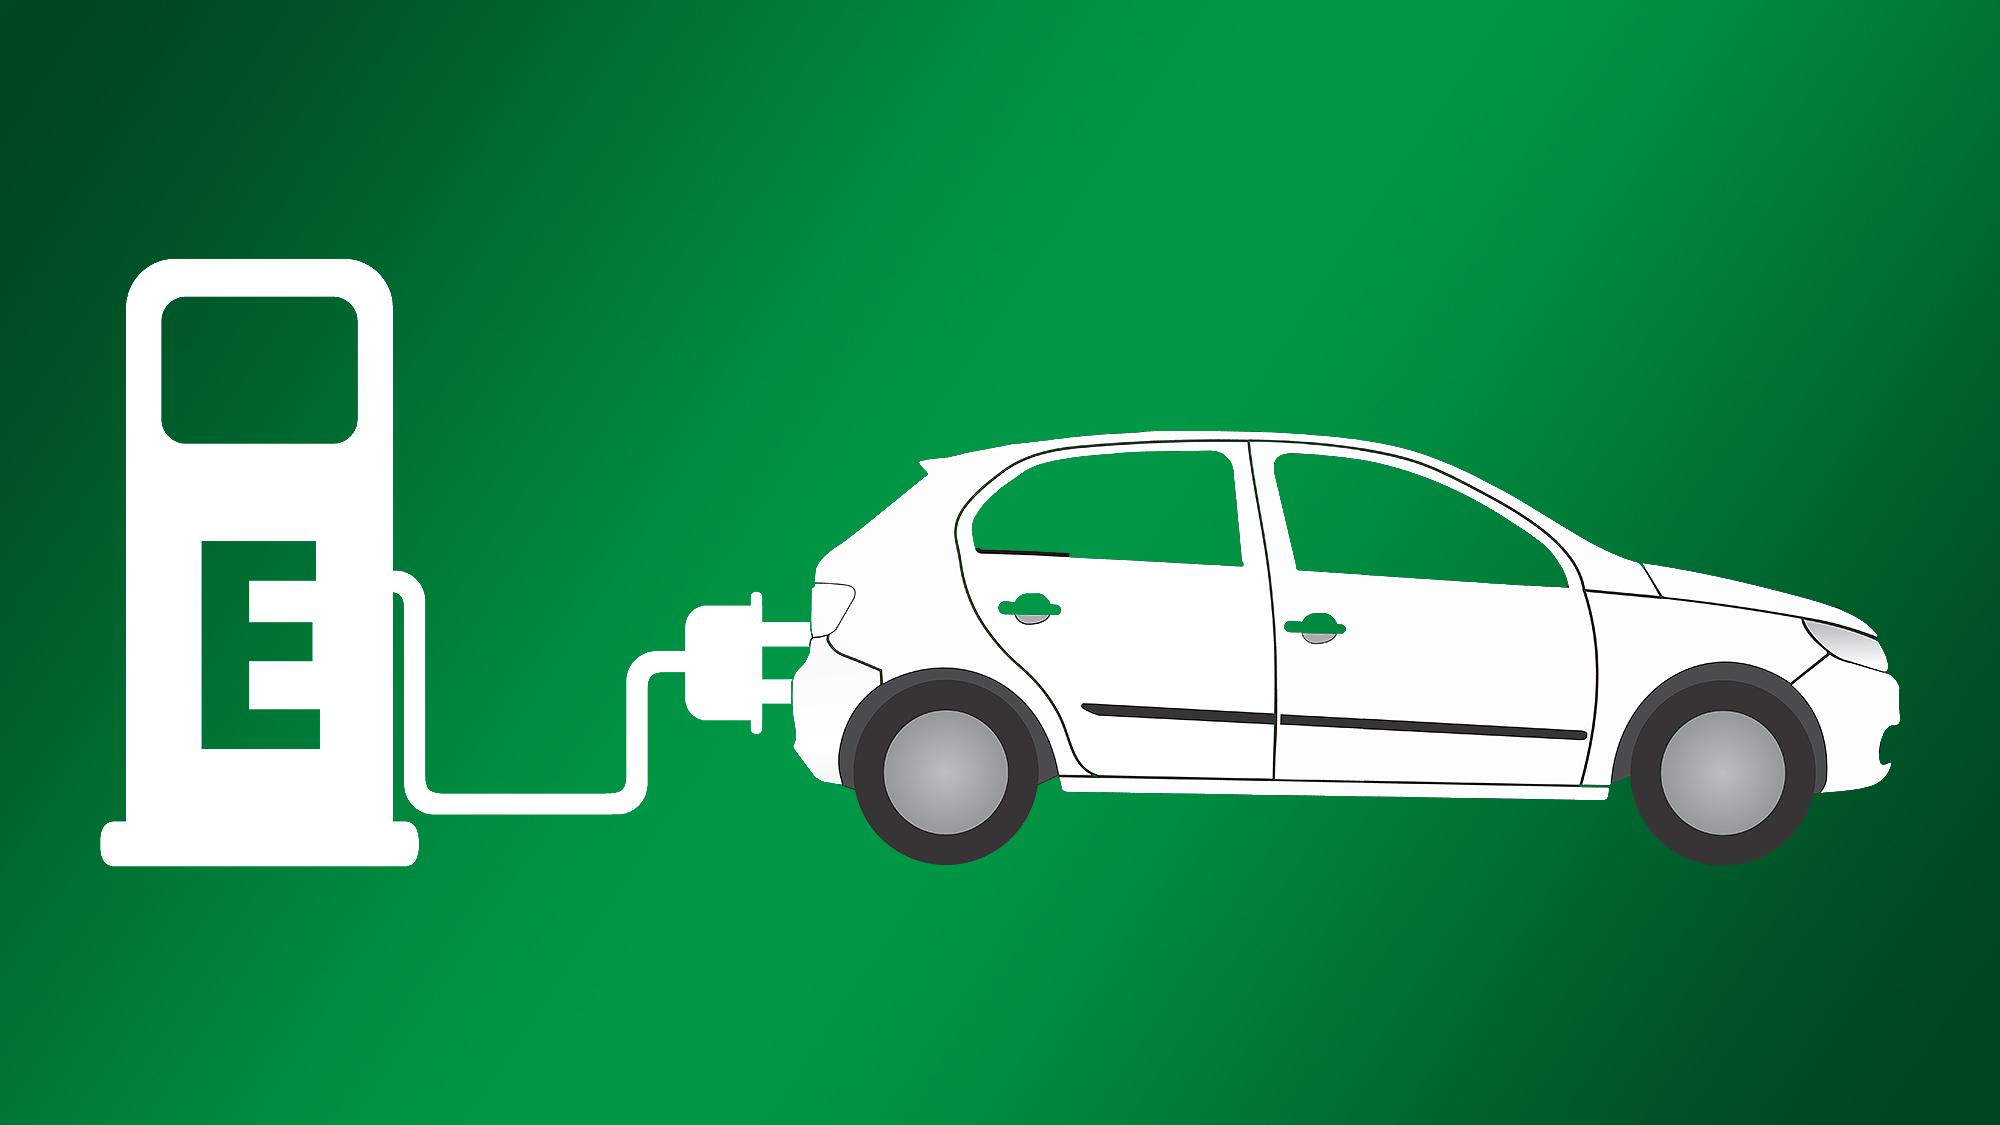 選完就是我們的事了,盤點未來電動車發展政策走向